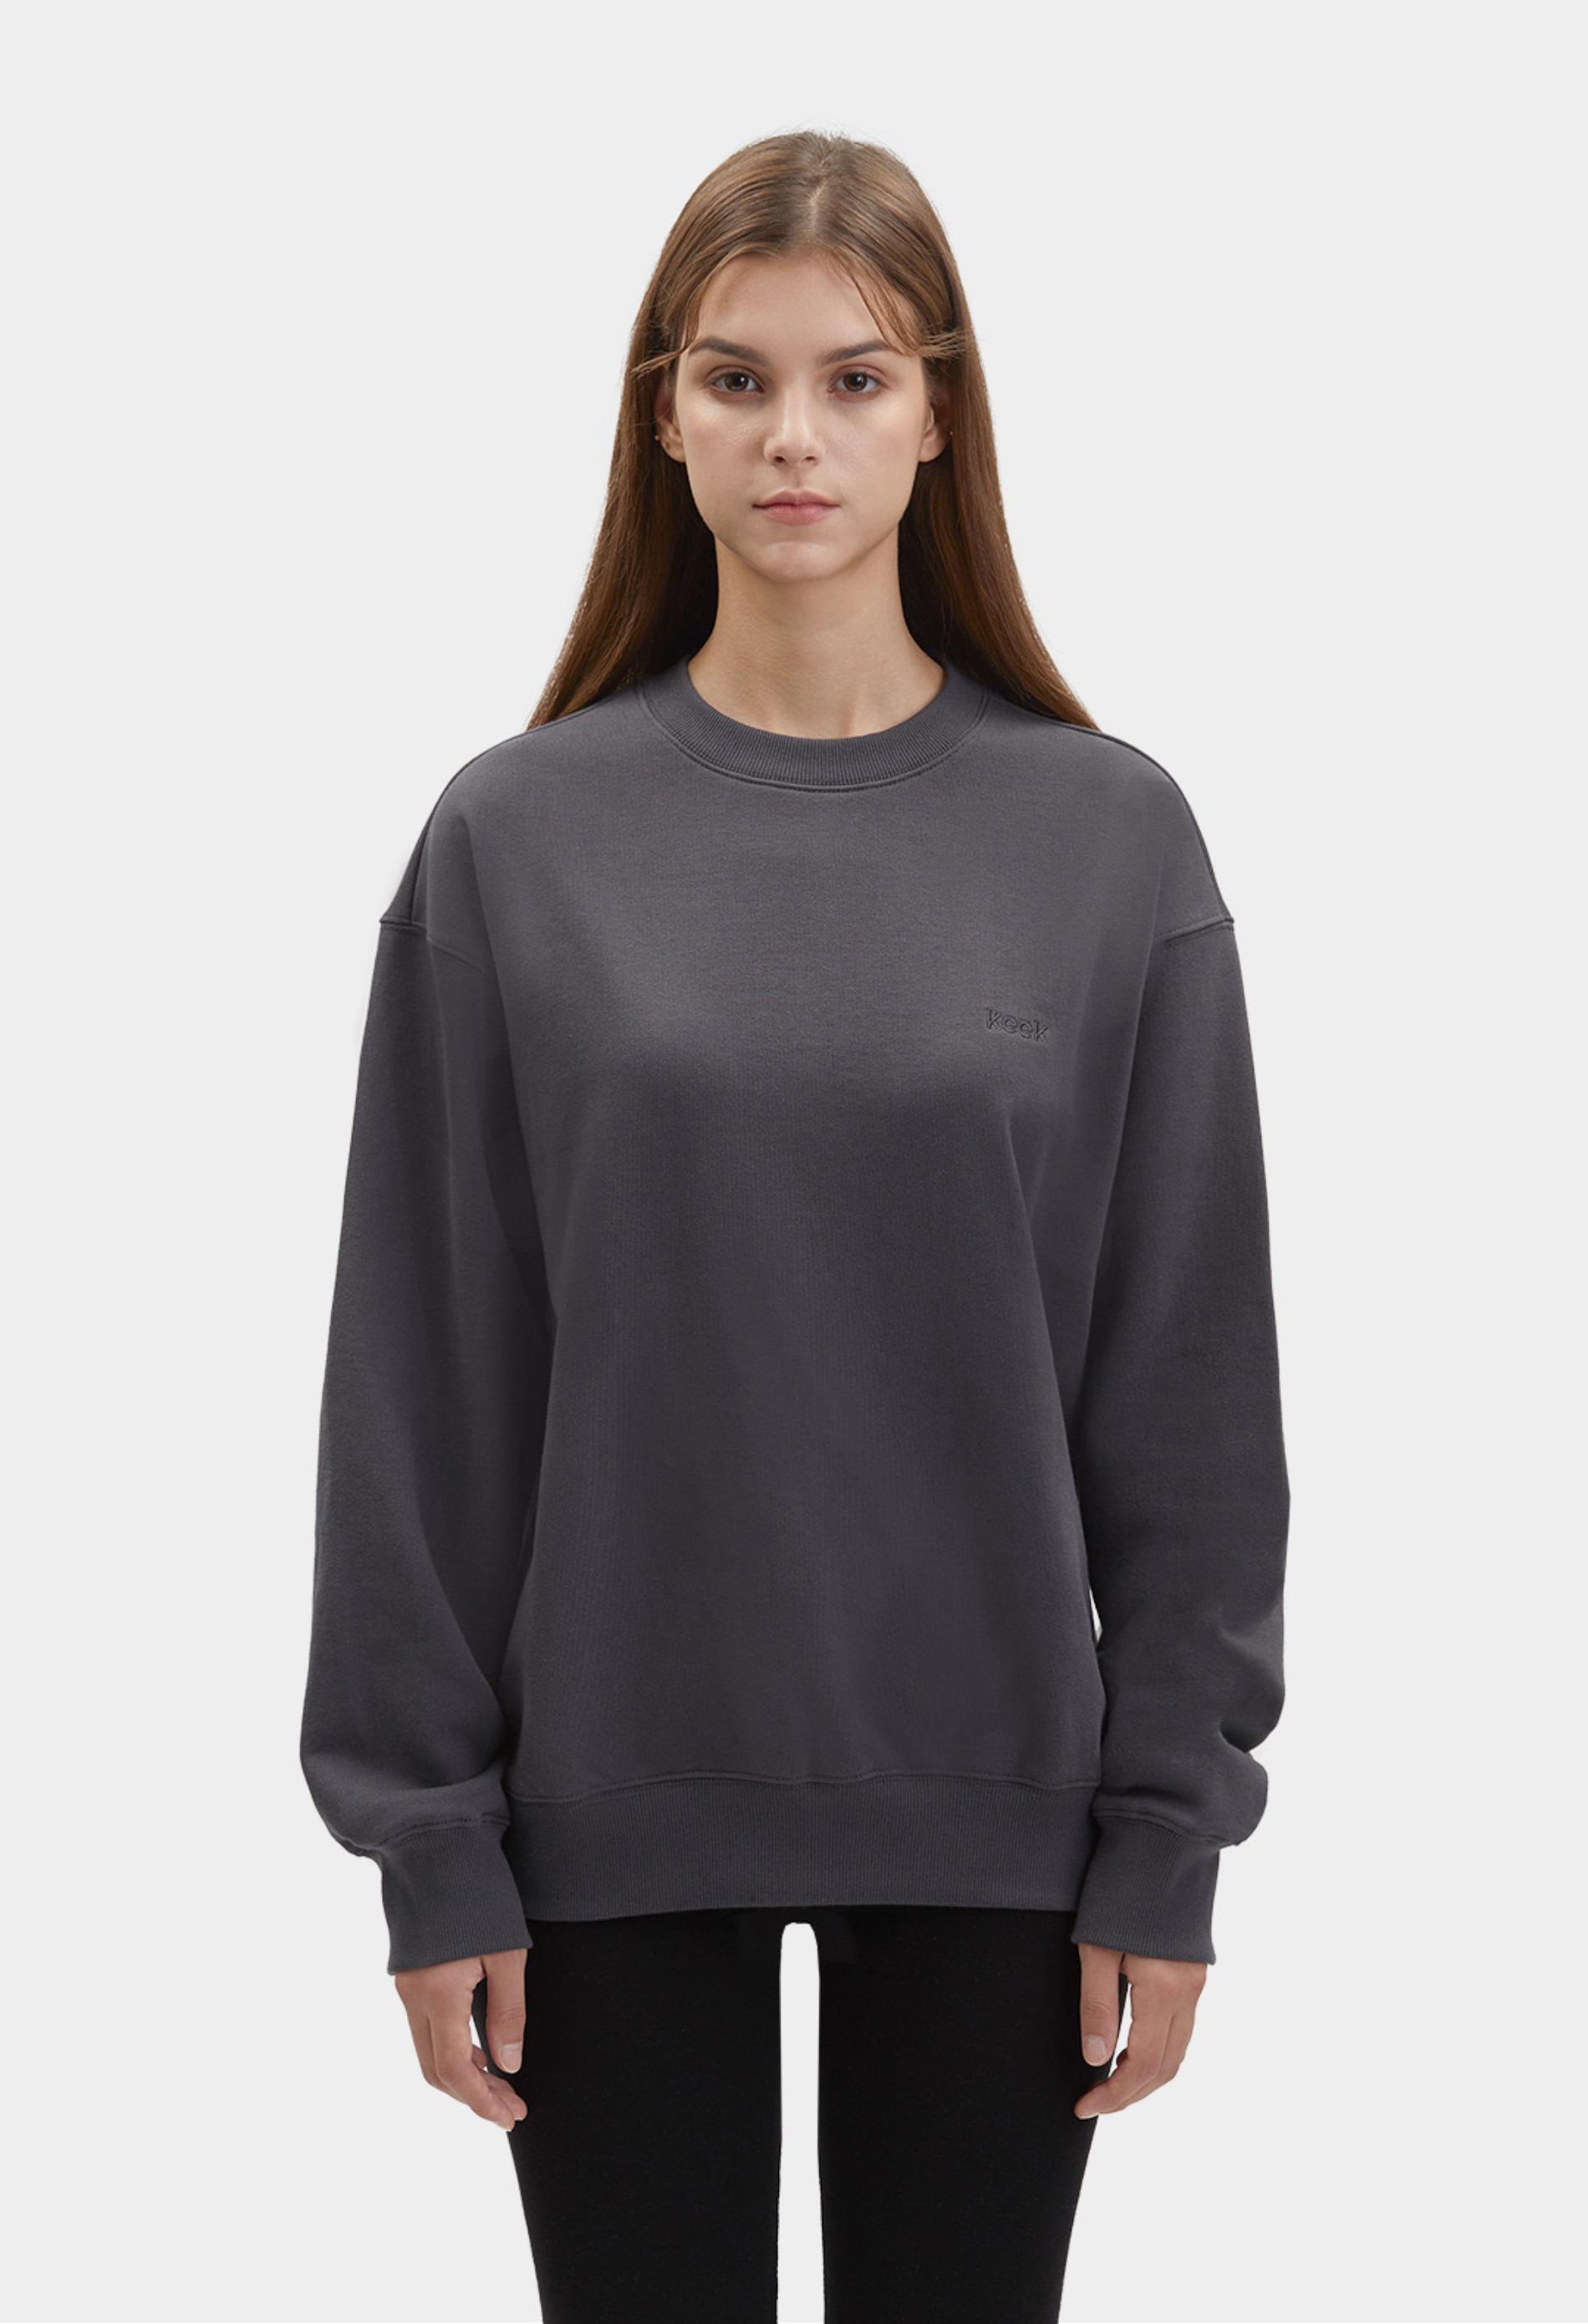 keek [Unisex] keek Sweatshirts - Charcoal 스트릿패션 유니섹스브랜드 커플시밀러룩 남자쇼핑몰 여성의류쇼핑몰 후드티 힙색